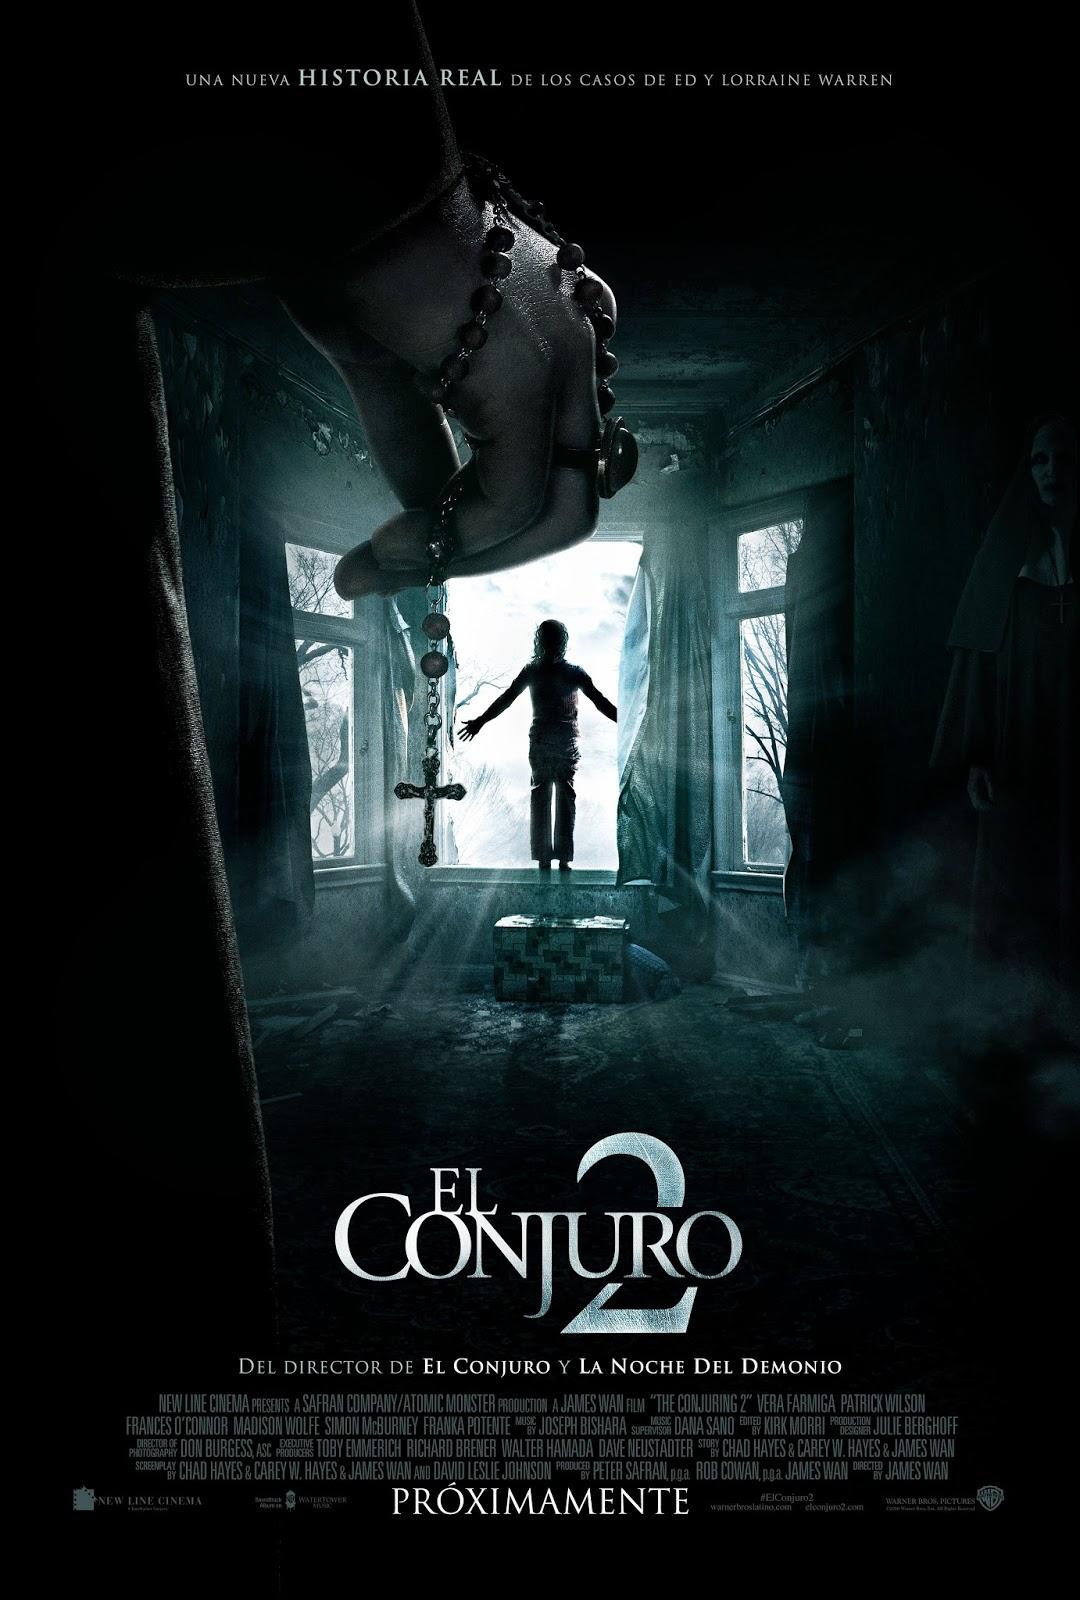 El Conjuro 2 (2016)